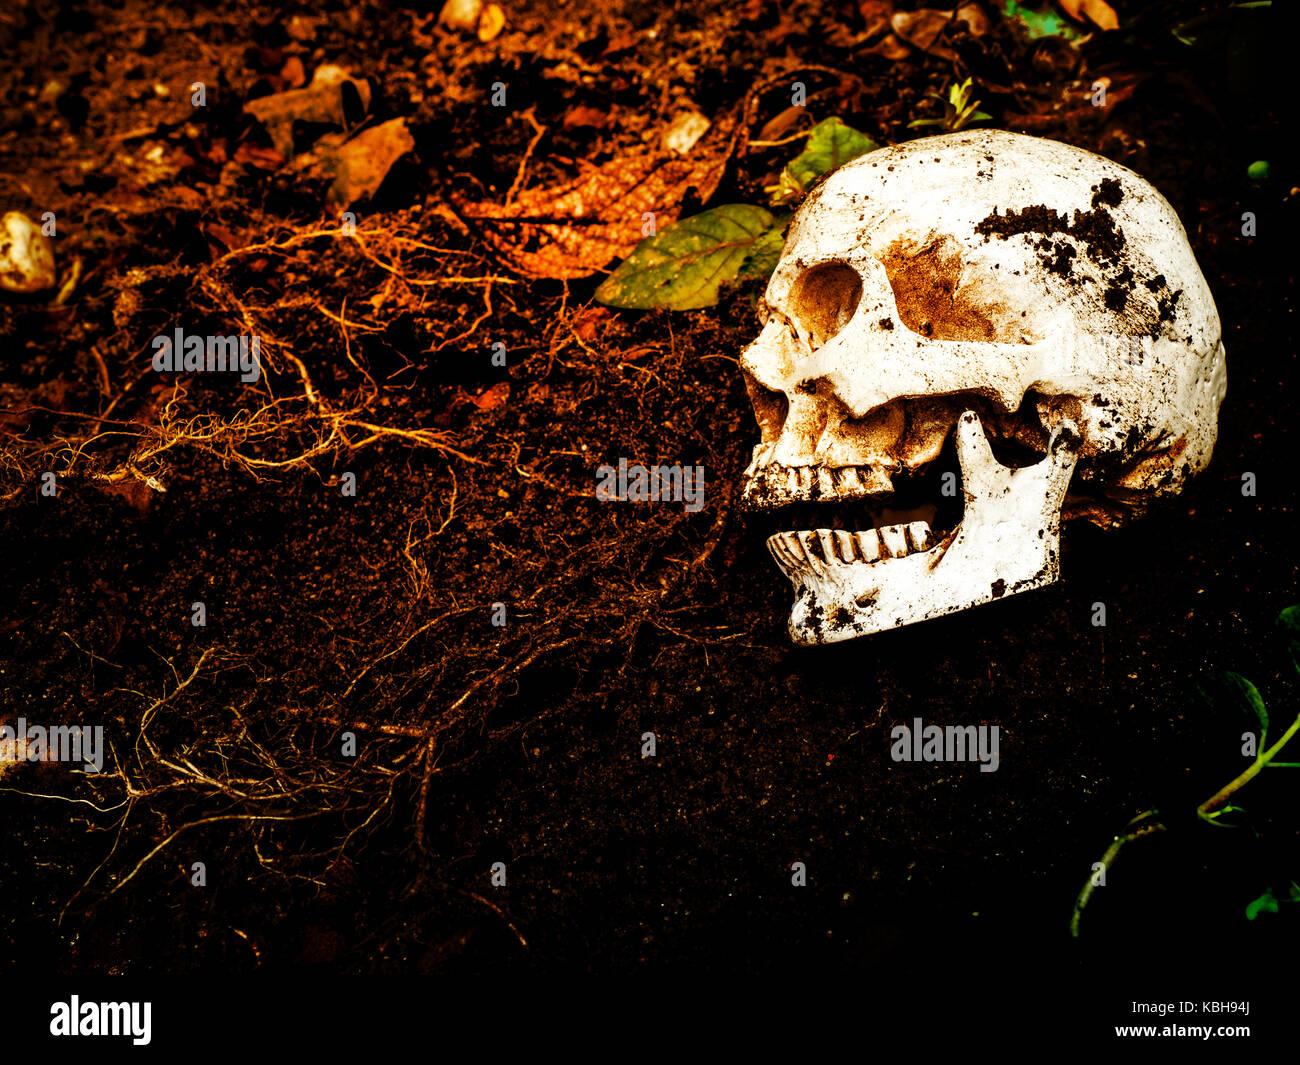 Neben der menschlichen Schädel in der Erde begraben. der schädel hat Schmutz auf den Schädel befestigt. Stockbild